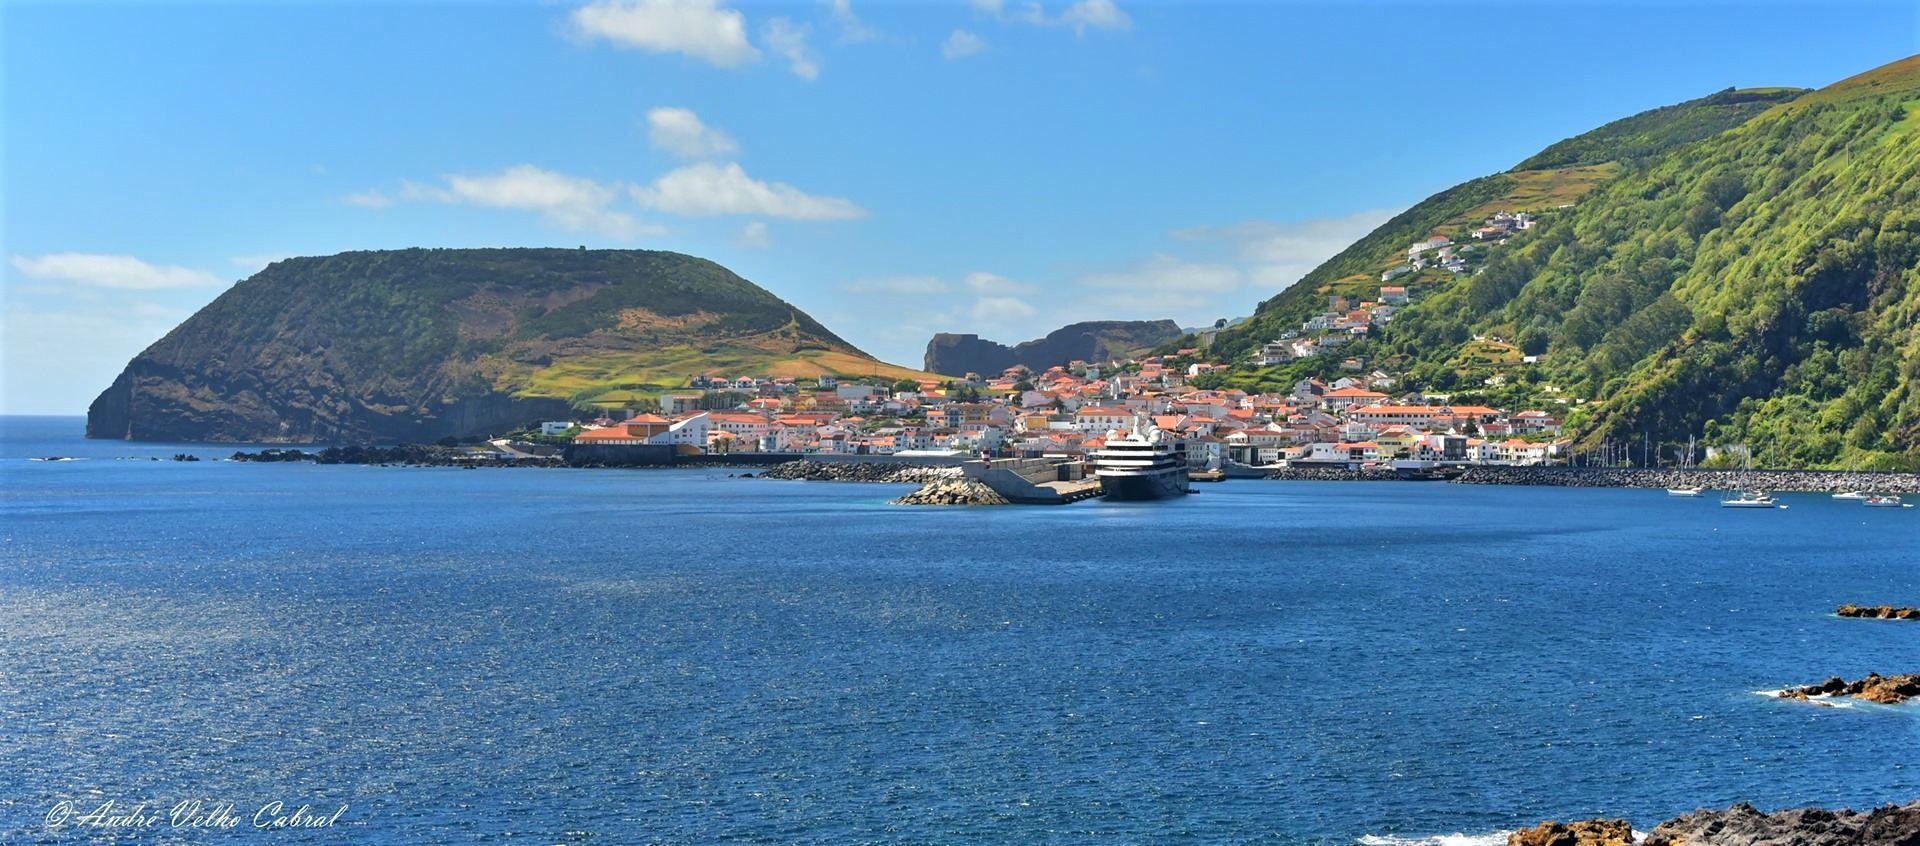 Ilhas Portuguesas – um novo destino de cruzeiros